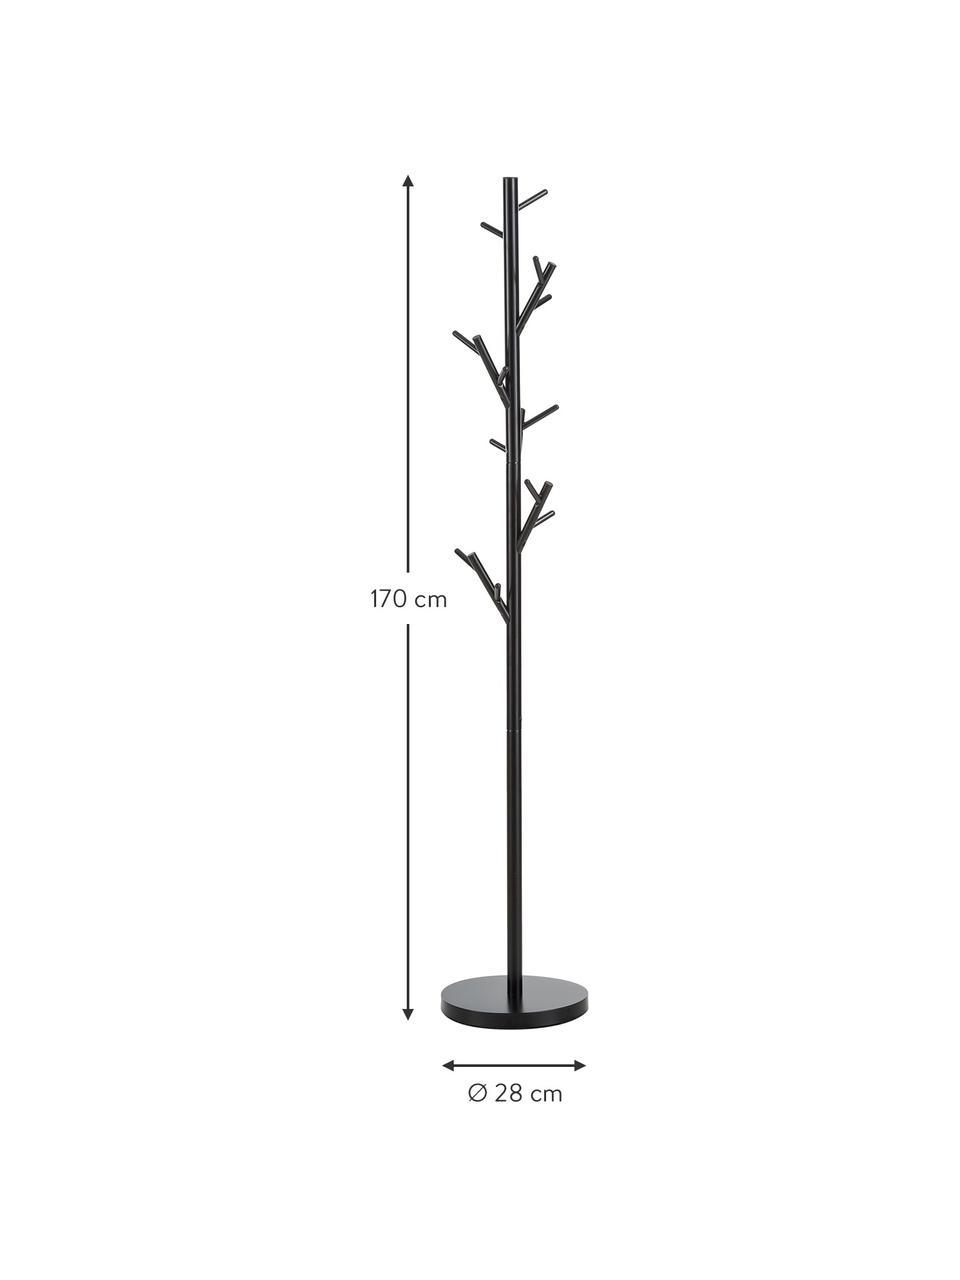 Kleiderständer Tree mit 18 Haken, Stahlrohr, pulverbeschichtet, Schwarz, Ø 28 x H 170 cm